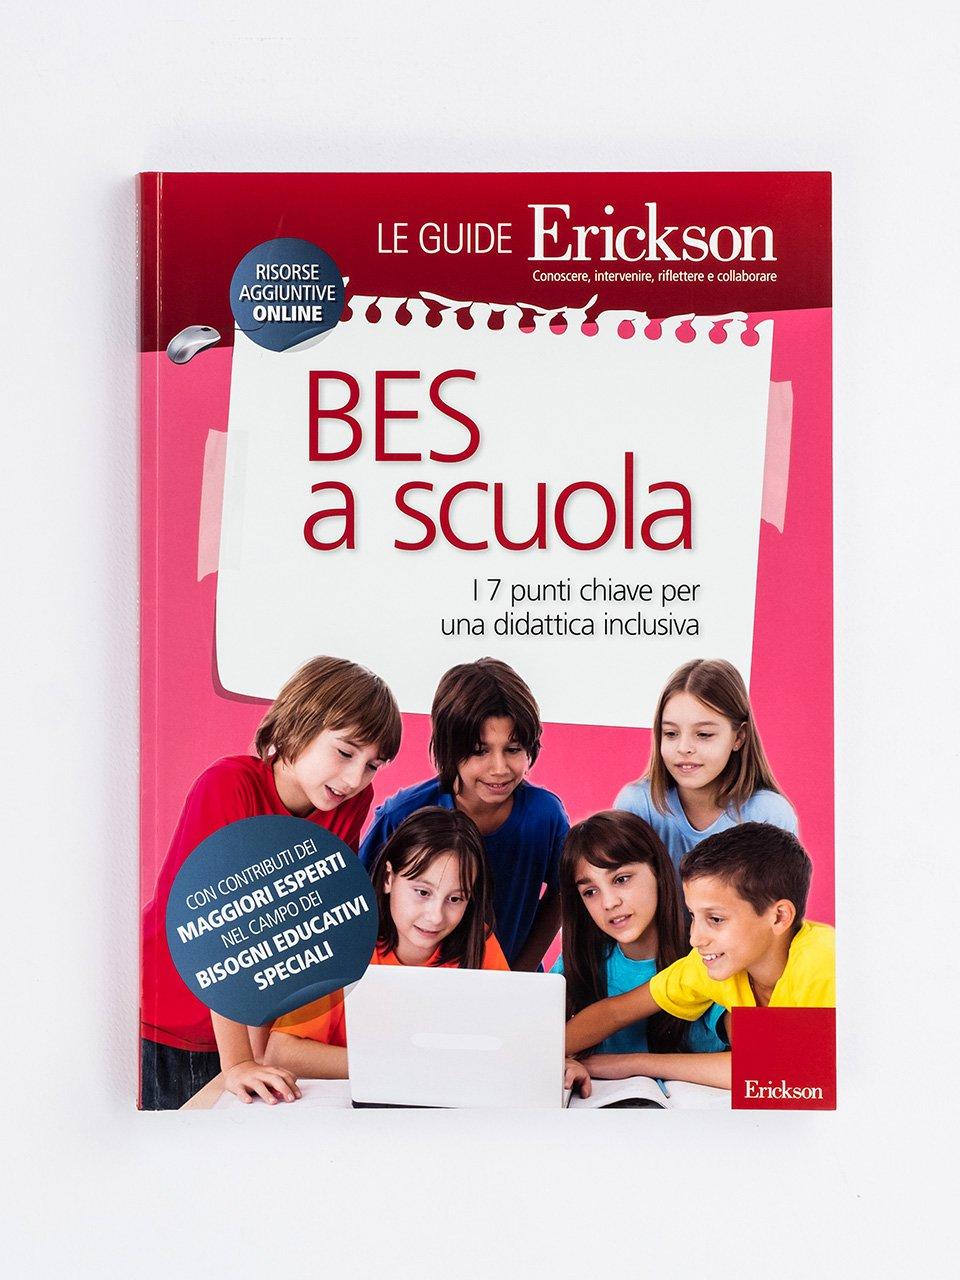 BES a scuola - Maria Montessori - Libri - Erickson